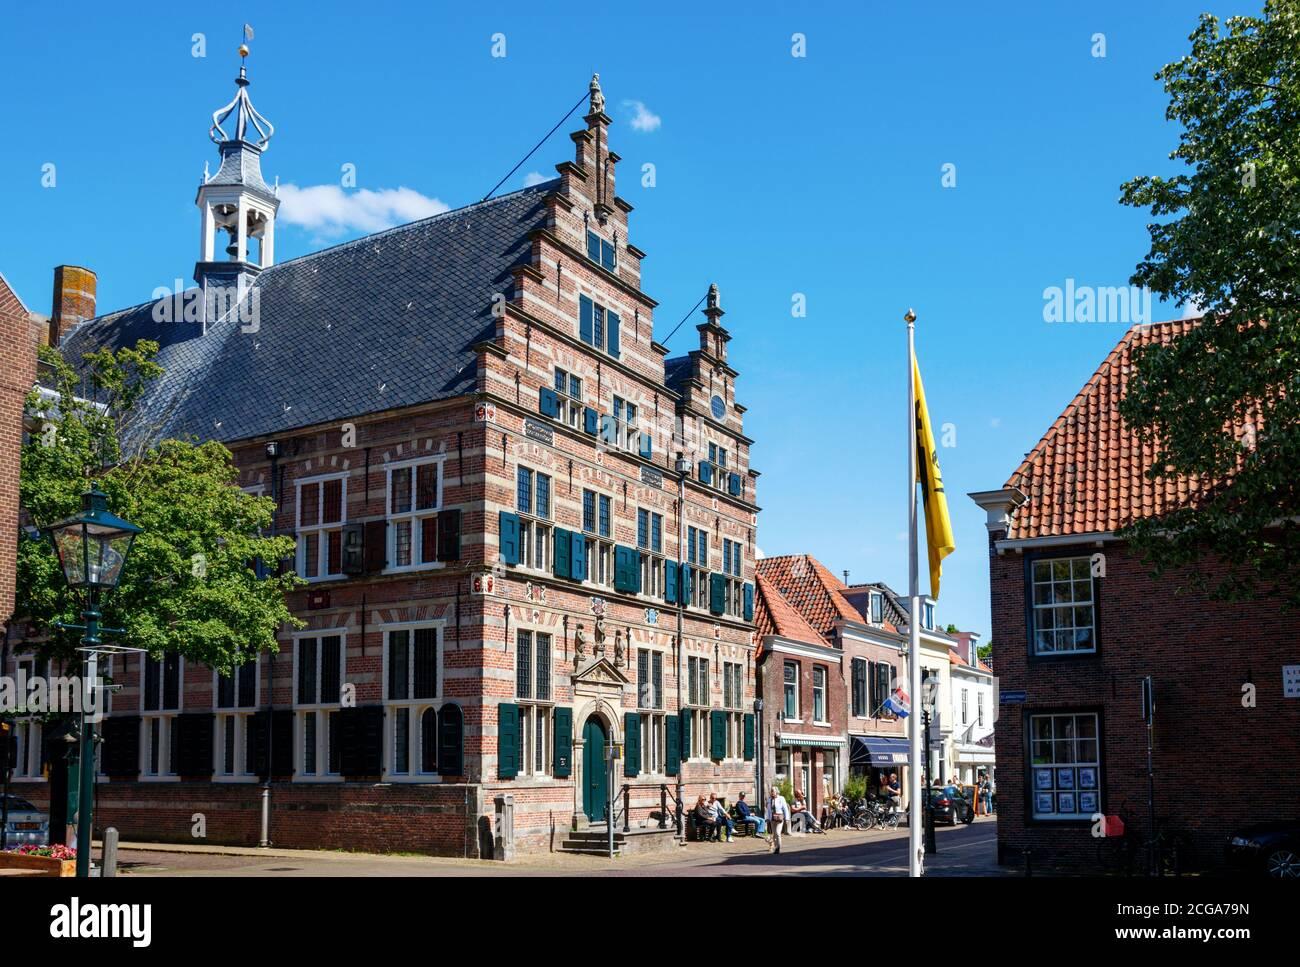 Marktstraat, centro histórico de Naarden. Ayuntamiento medieval y turistas de turismo en la Marktstraat en un día soleado. Países Bajos. Foto de stock